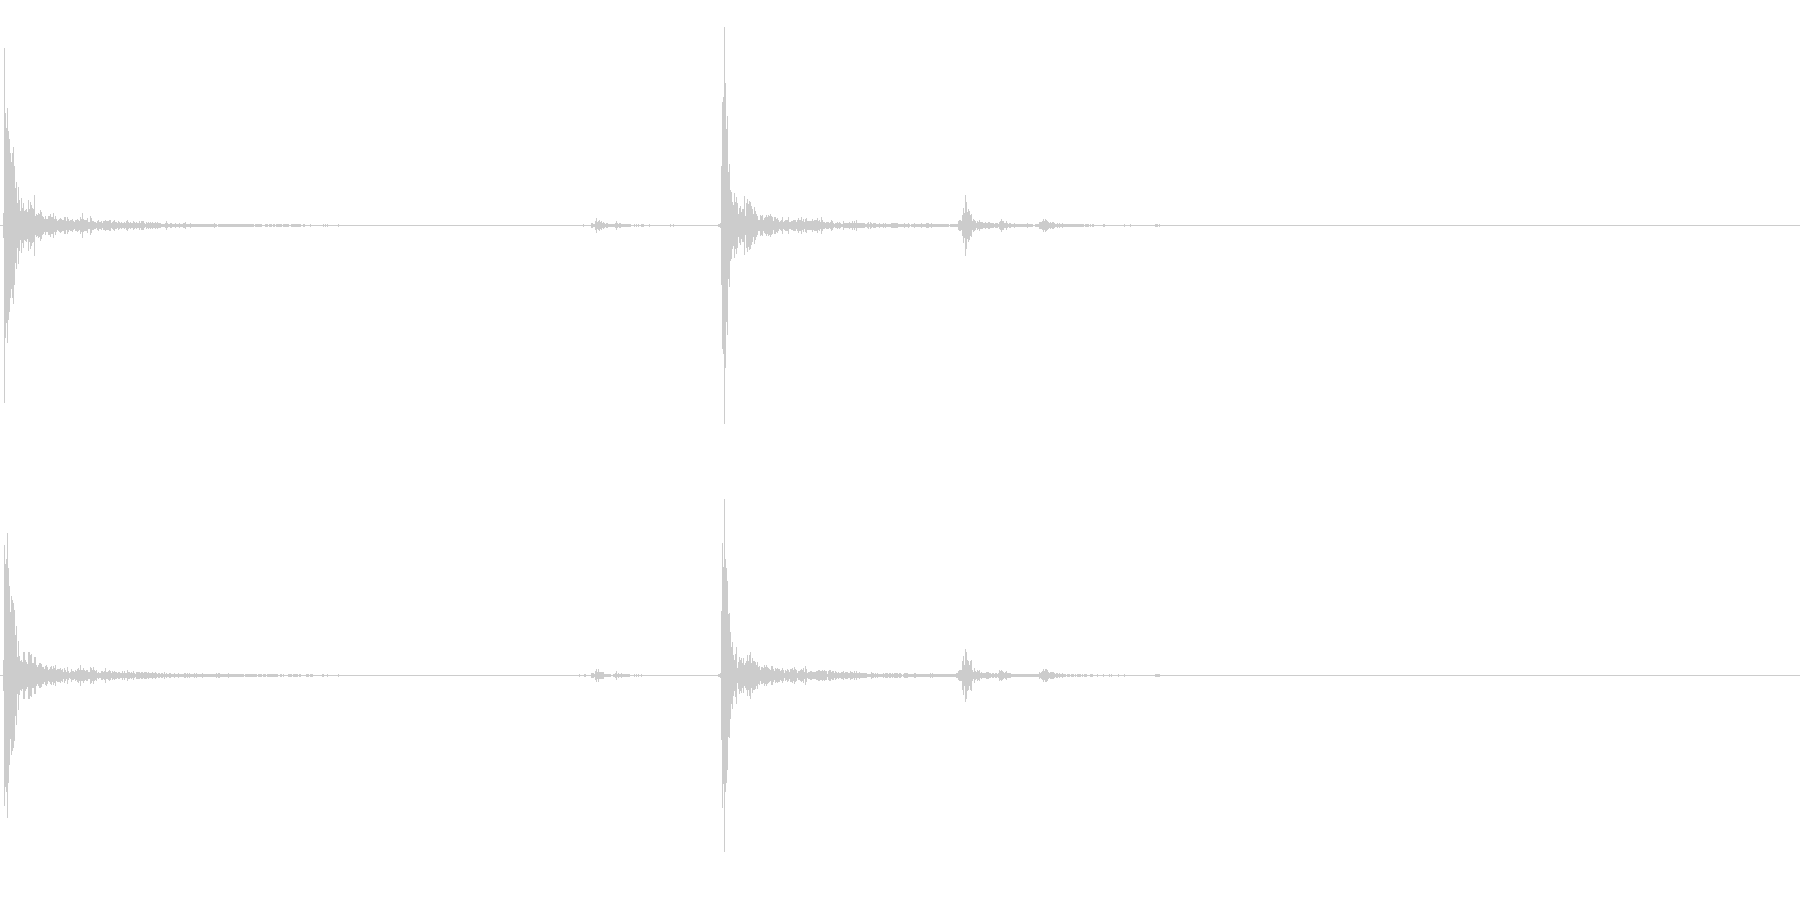 【生録音】パッケージ 開封音 9の未再生の波形